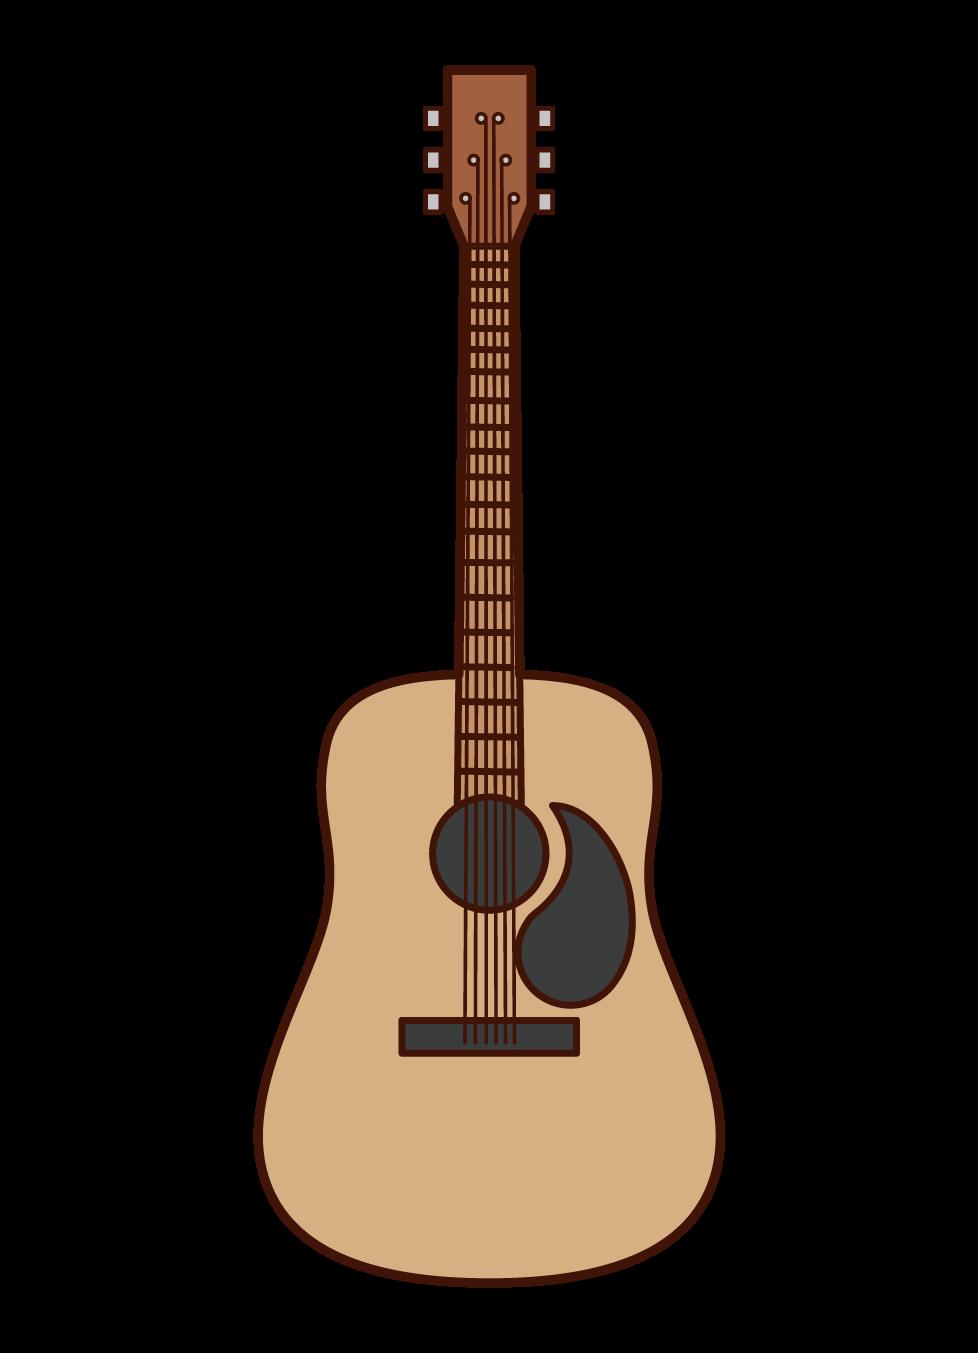 어쿠스틱 기타 일러스트레이션